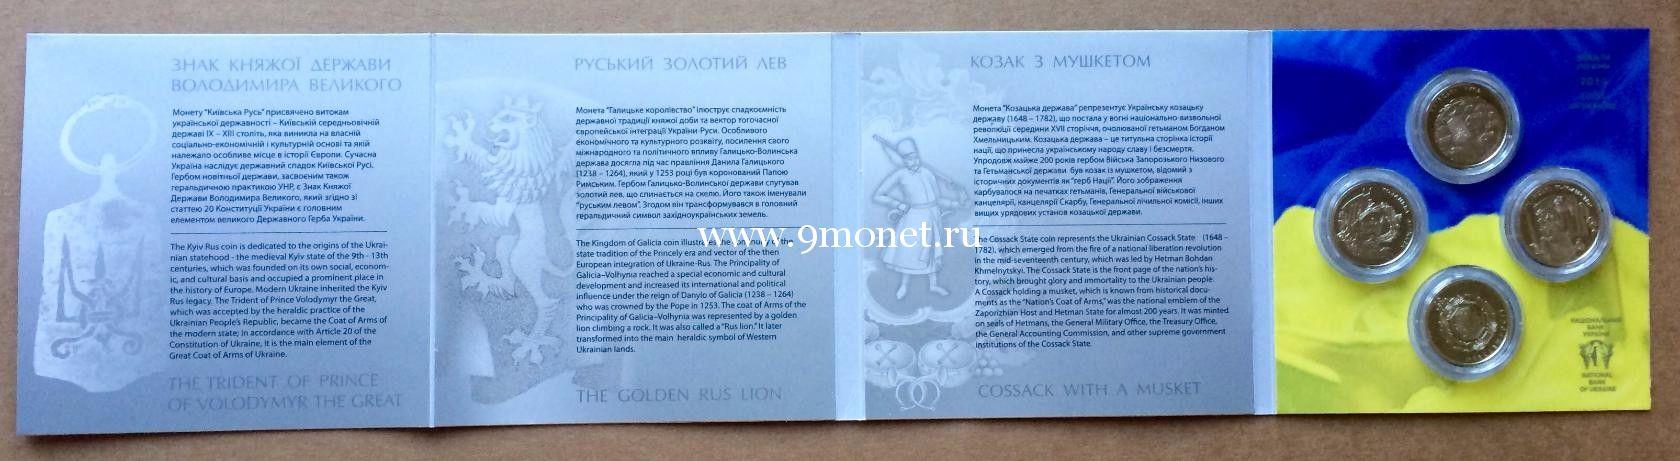 Монета Украины 2016 год. 5 гривен. 25 лет Независимости Украины. Набор 4 монеты. Блистер.